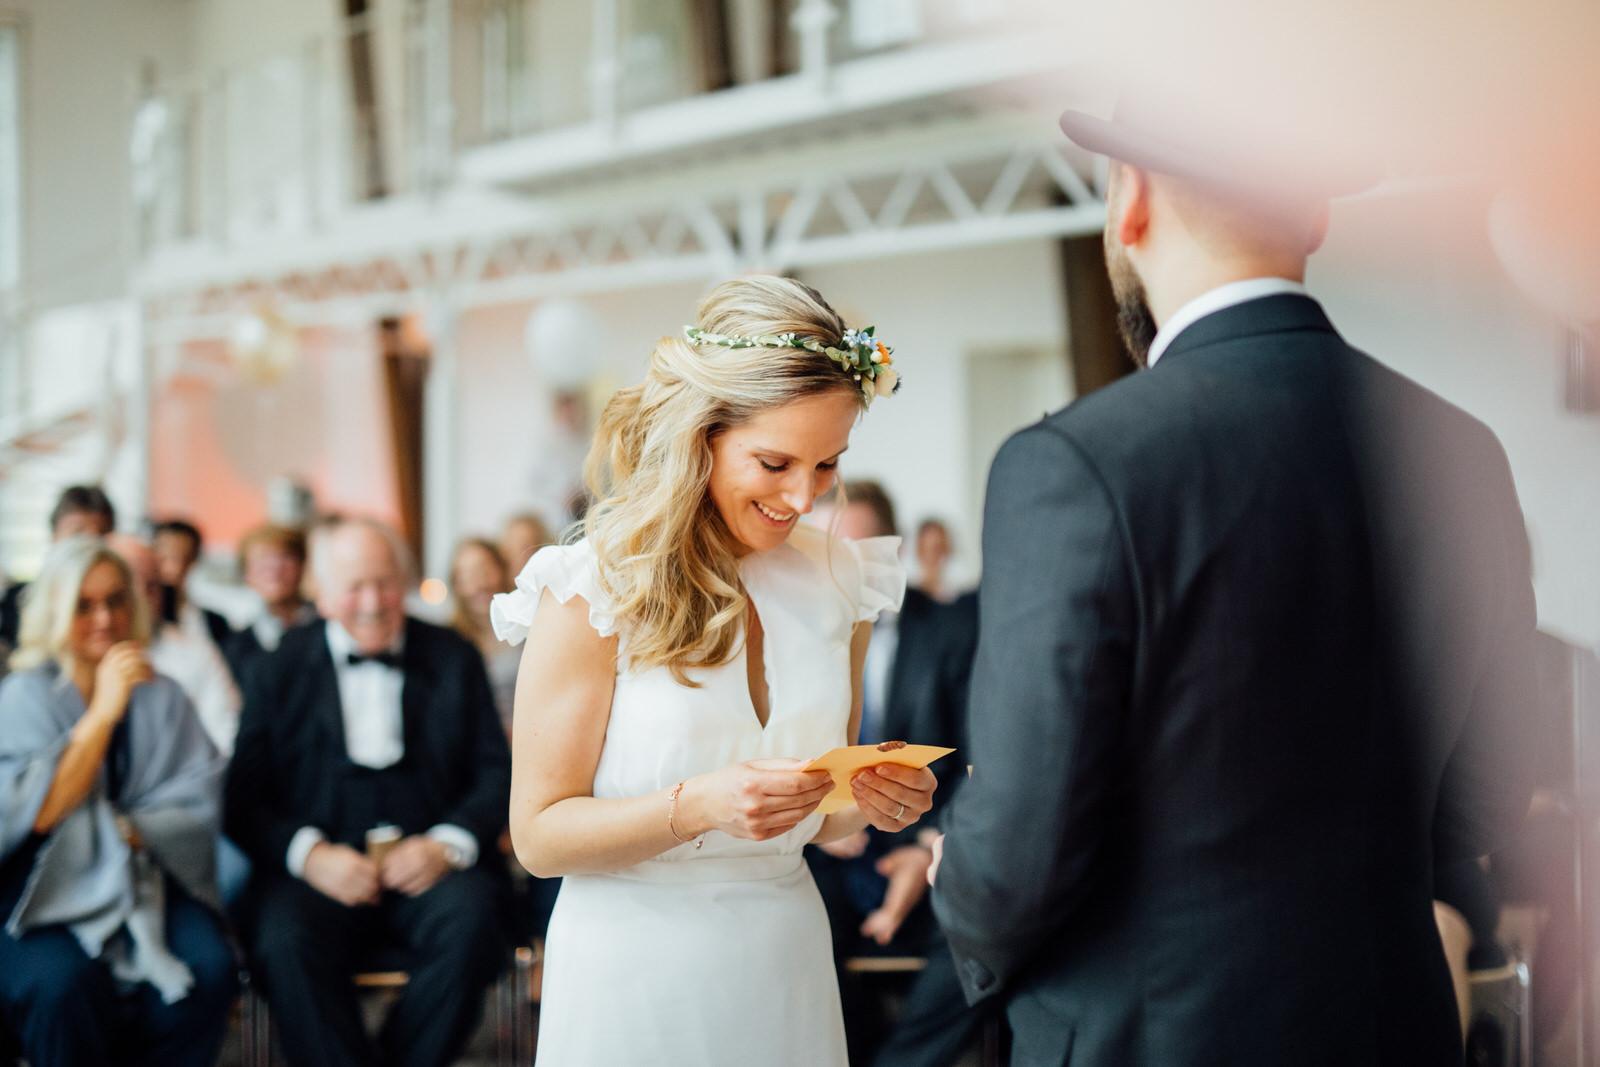 Hochzeitsfotograf_Rödental_Alte_Mühle_Alte_Orangerie_Schloss_Rosenau_100227232.JPG